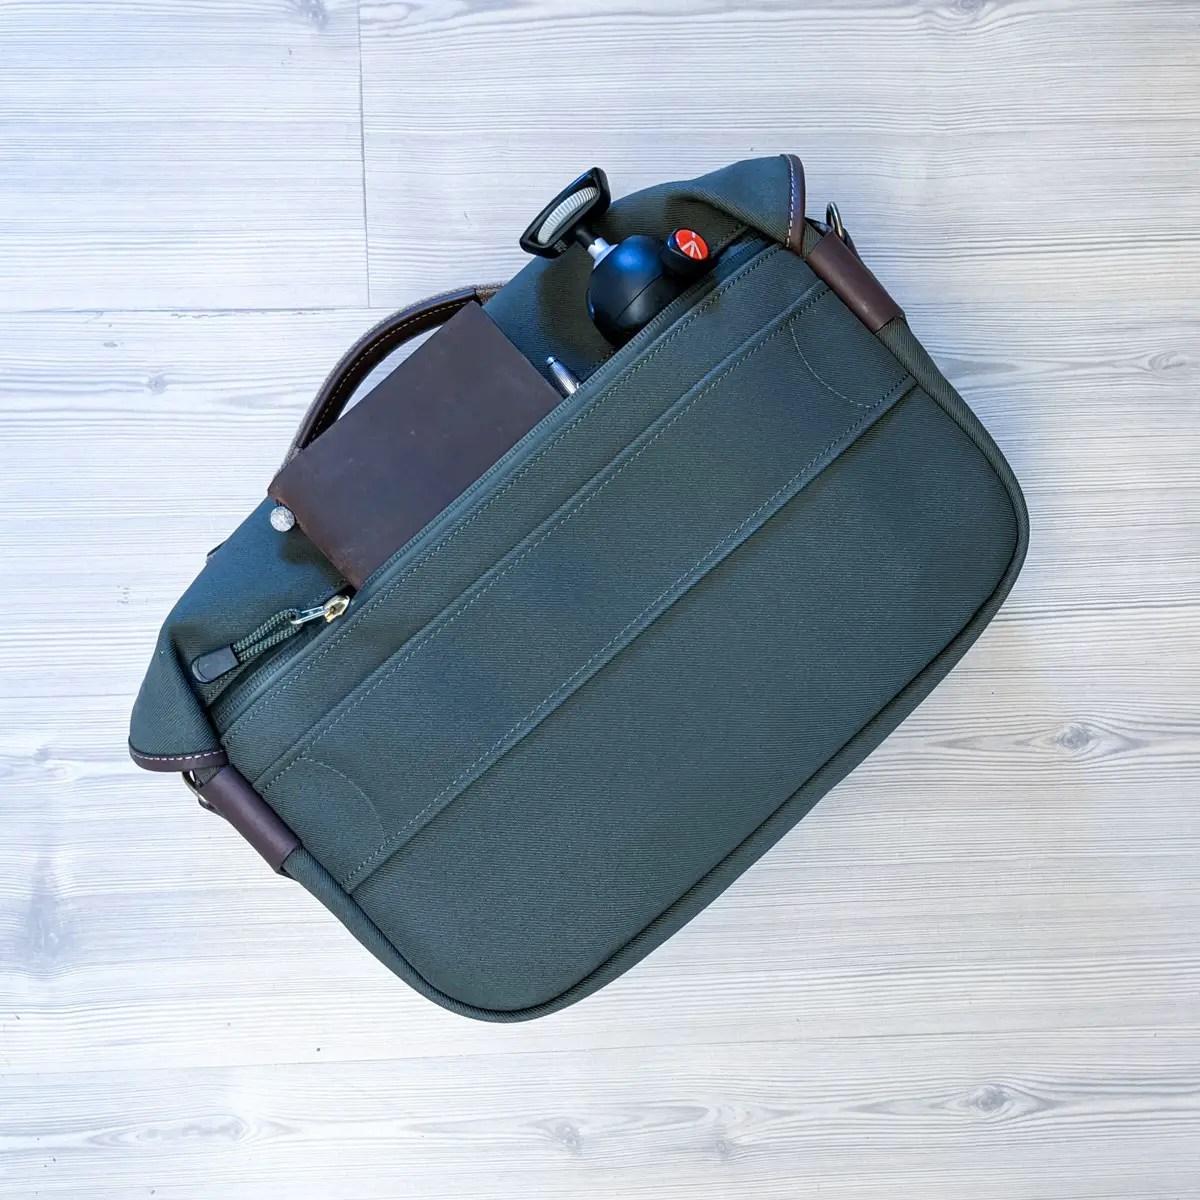 Billingham Hadley Pro 2020 - Detail - Rear pocket with stuff